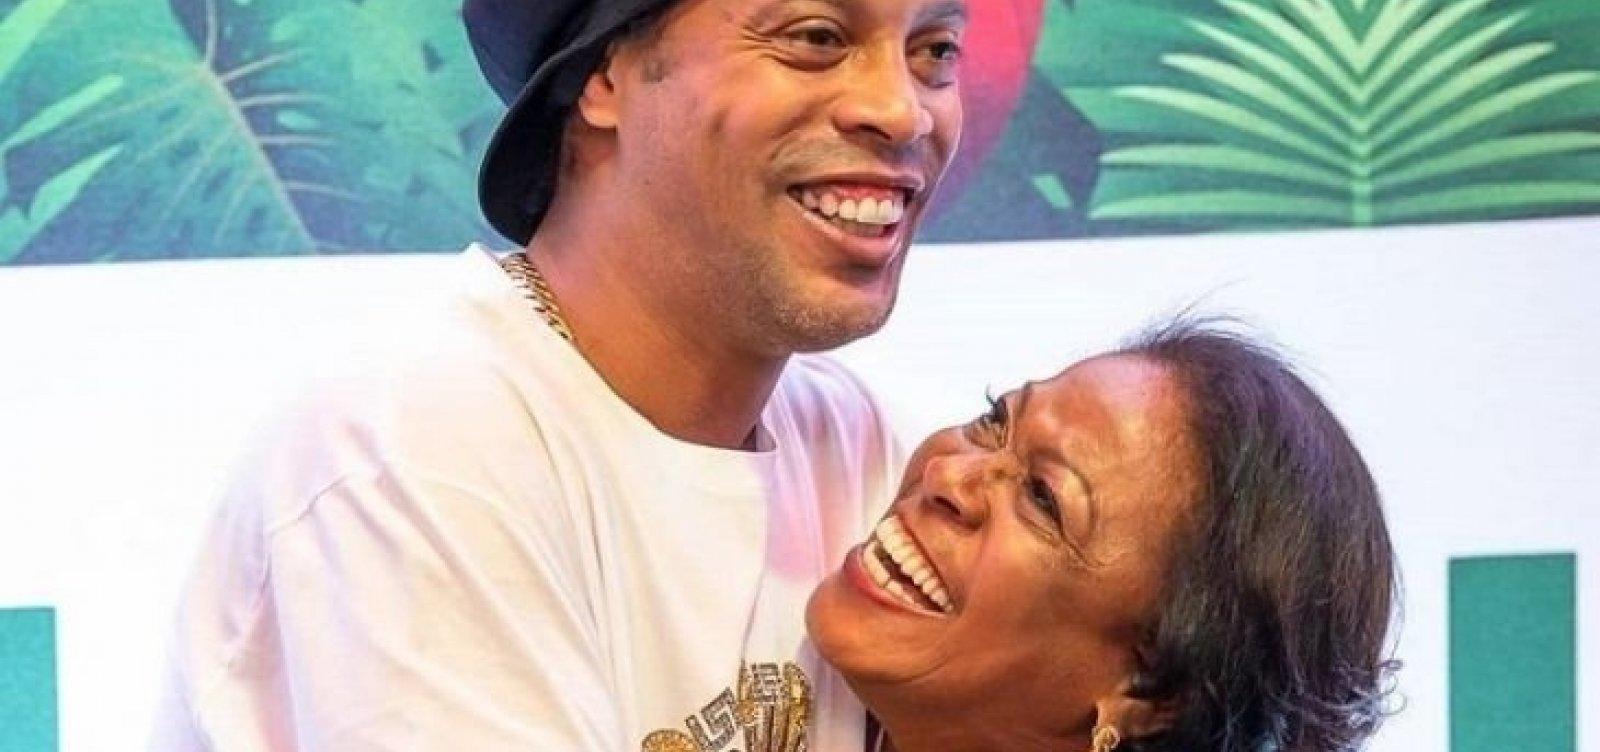 Morre por complicações da Covid-19 mãe do ex-jogador Ronaldinho Gaúcho